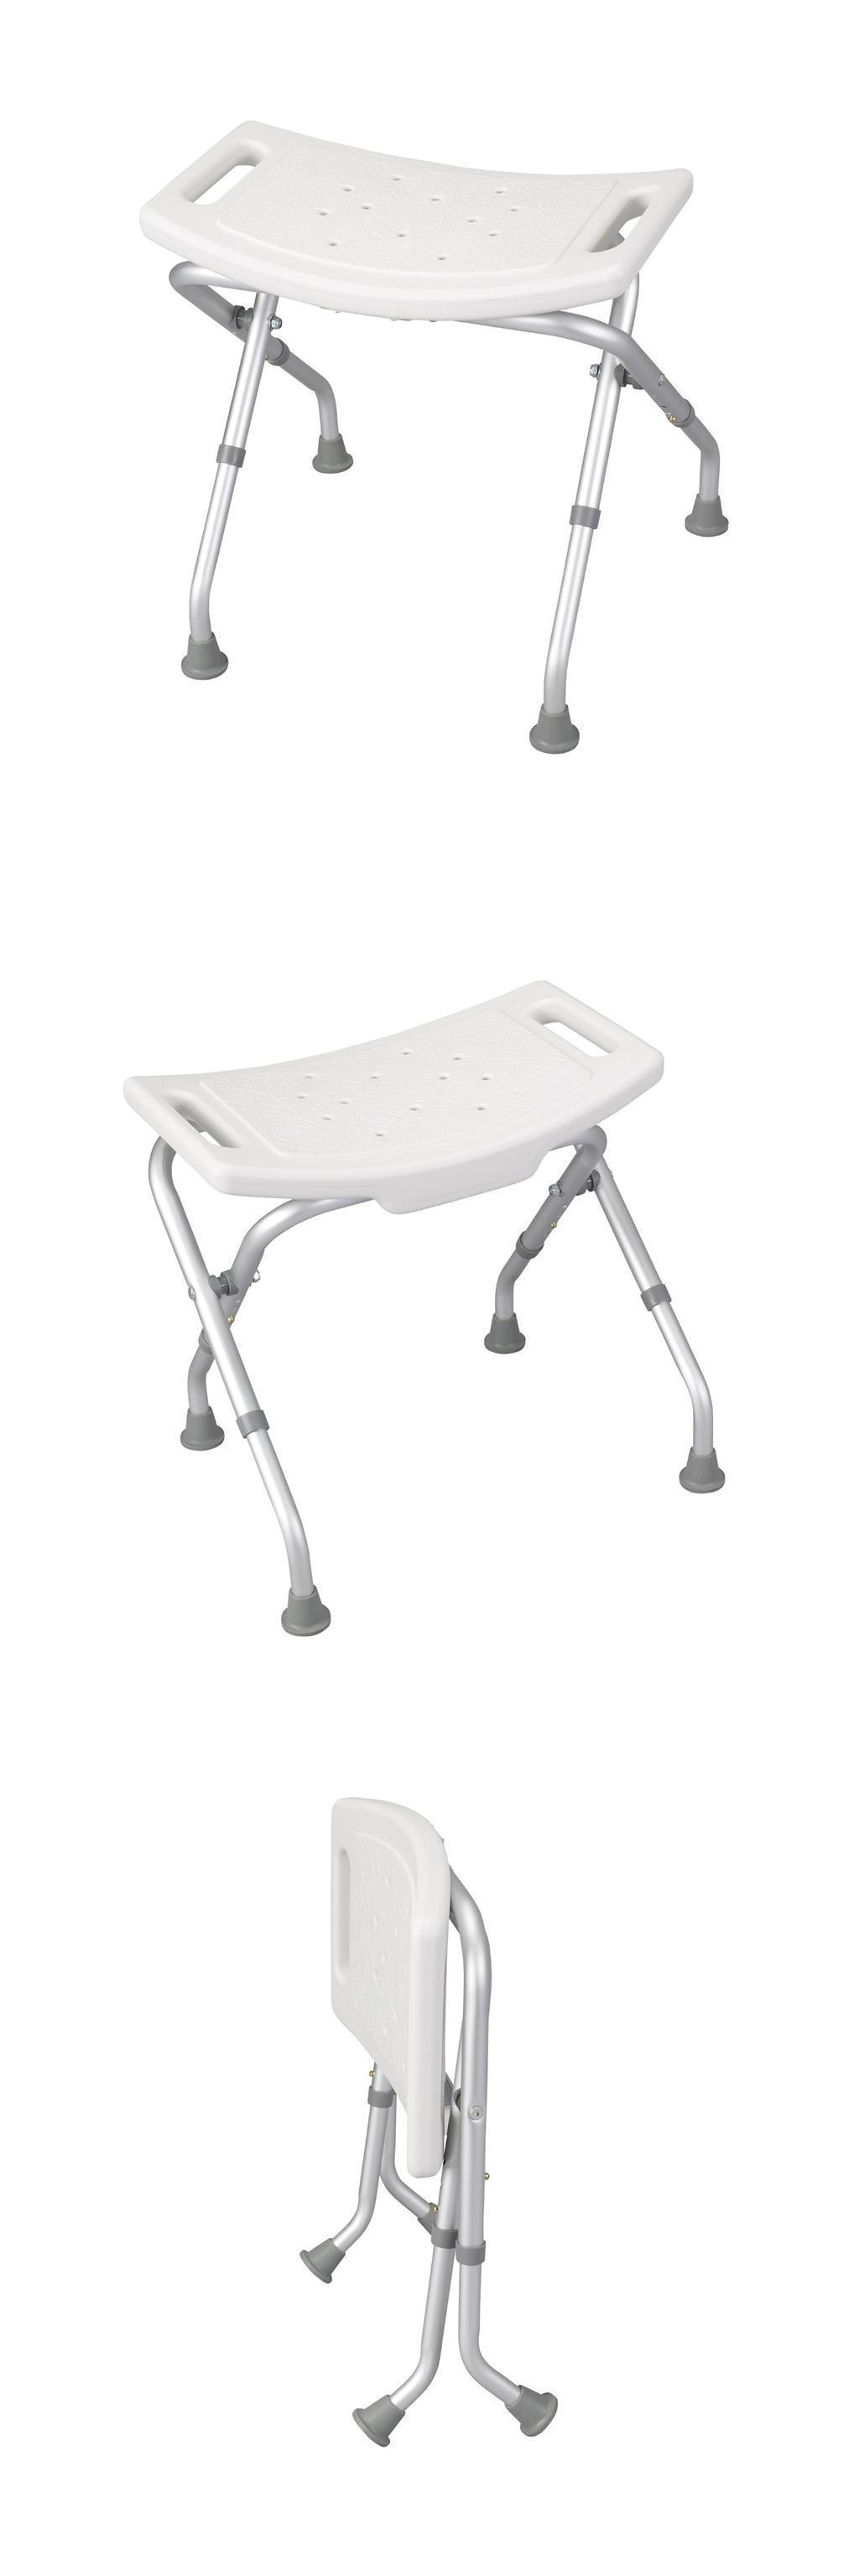 Shower and Bath Seats: Folding Bathtub Bench Bath Tub Seat Stool ...